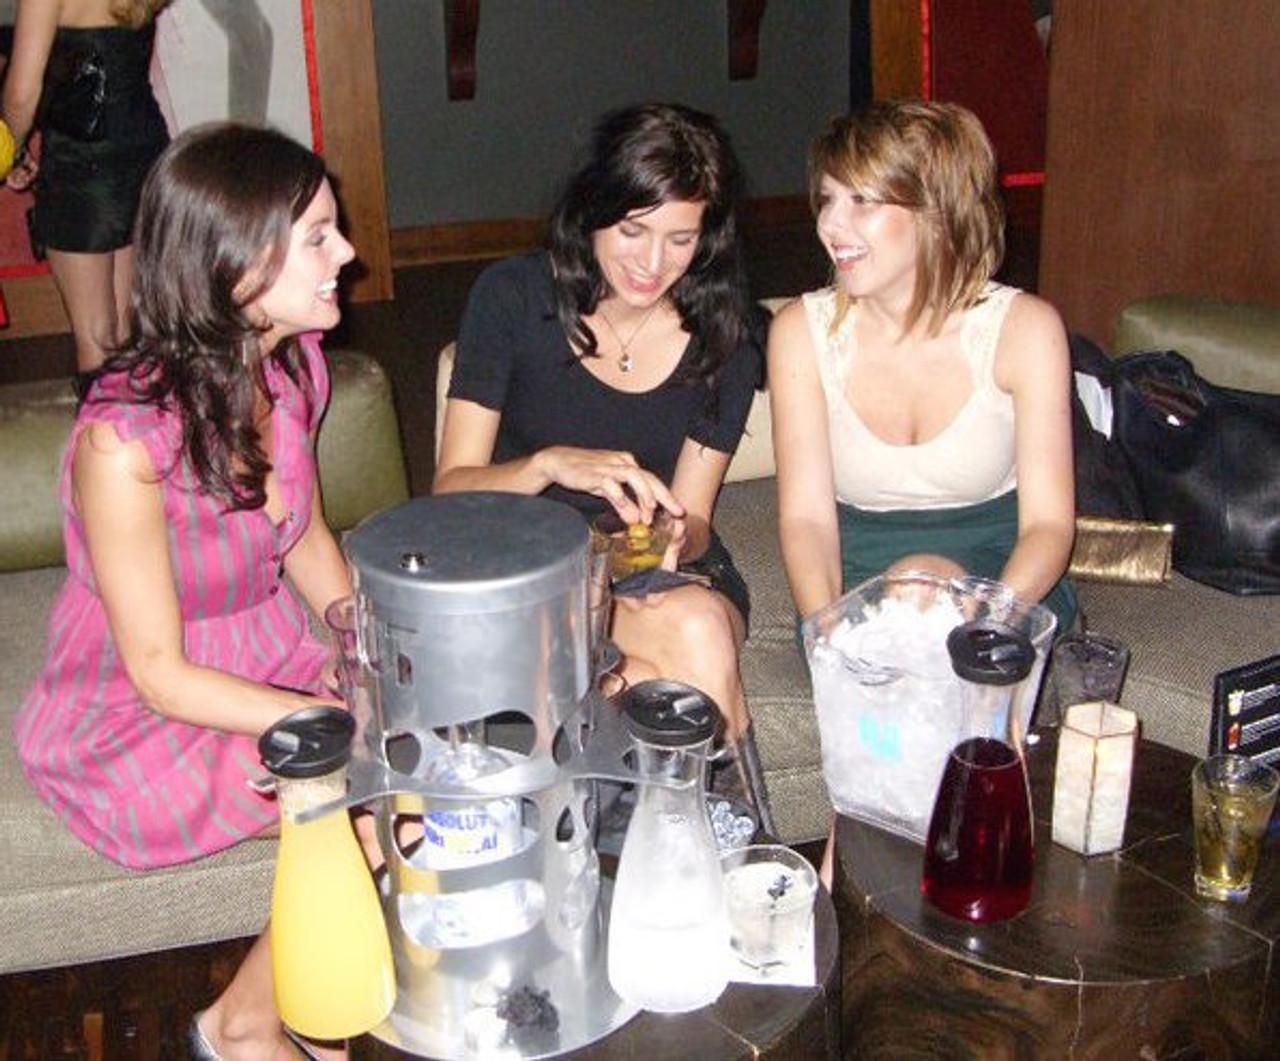 Bottle service tray